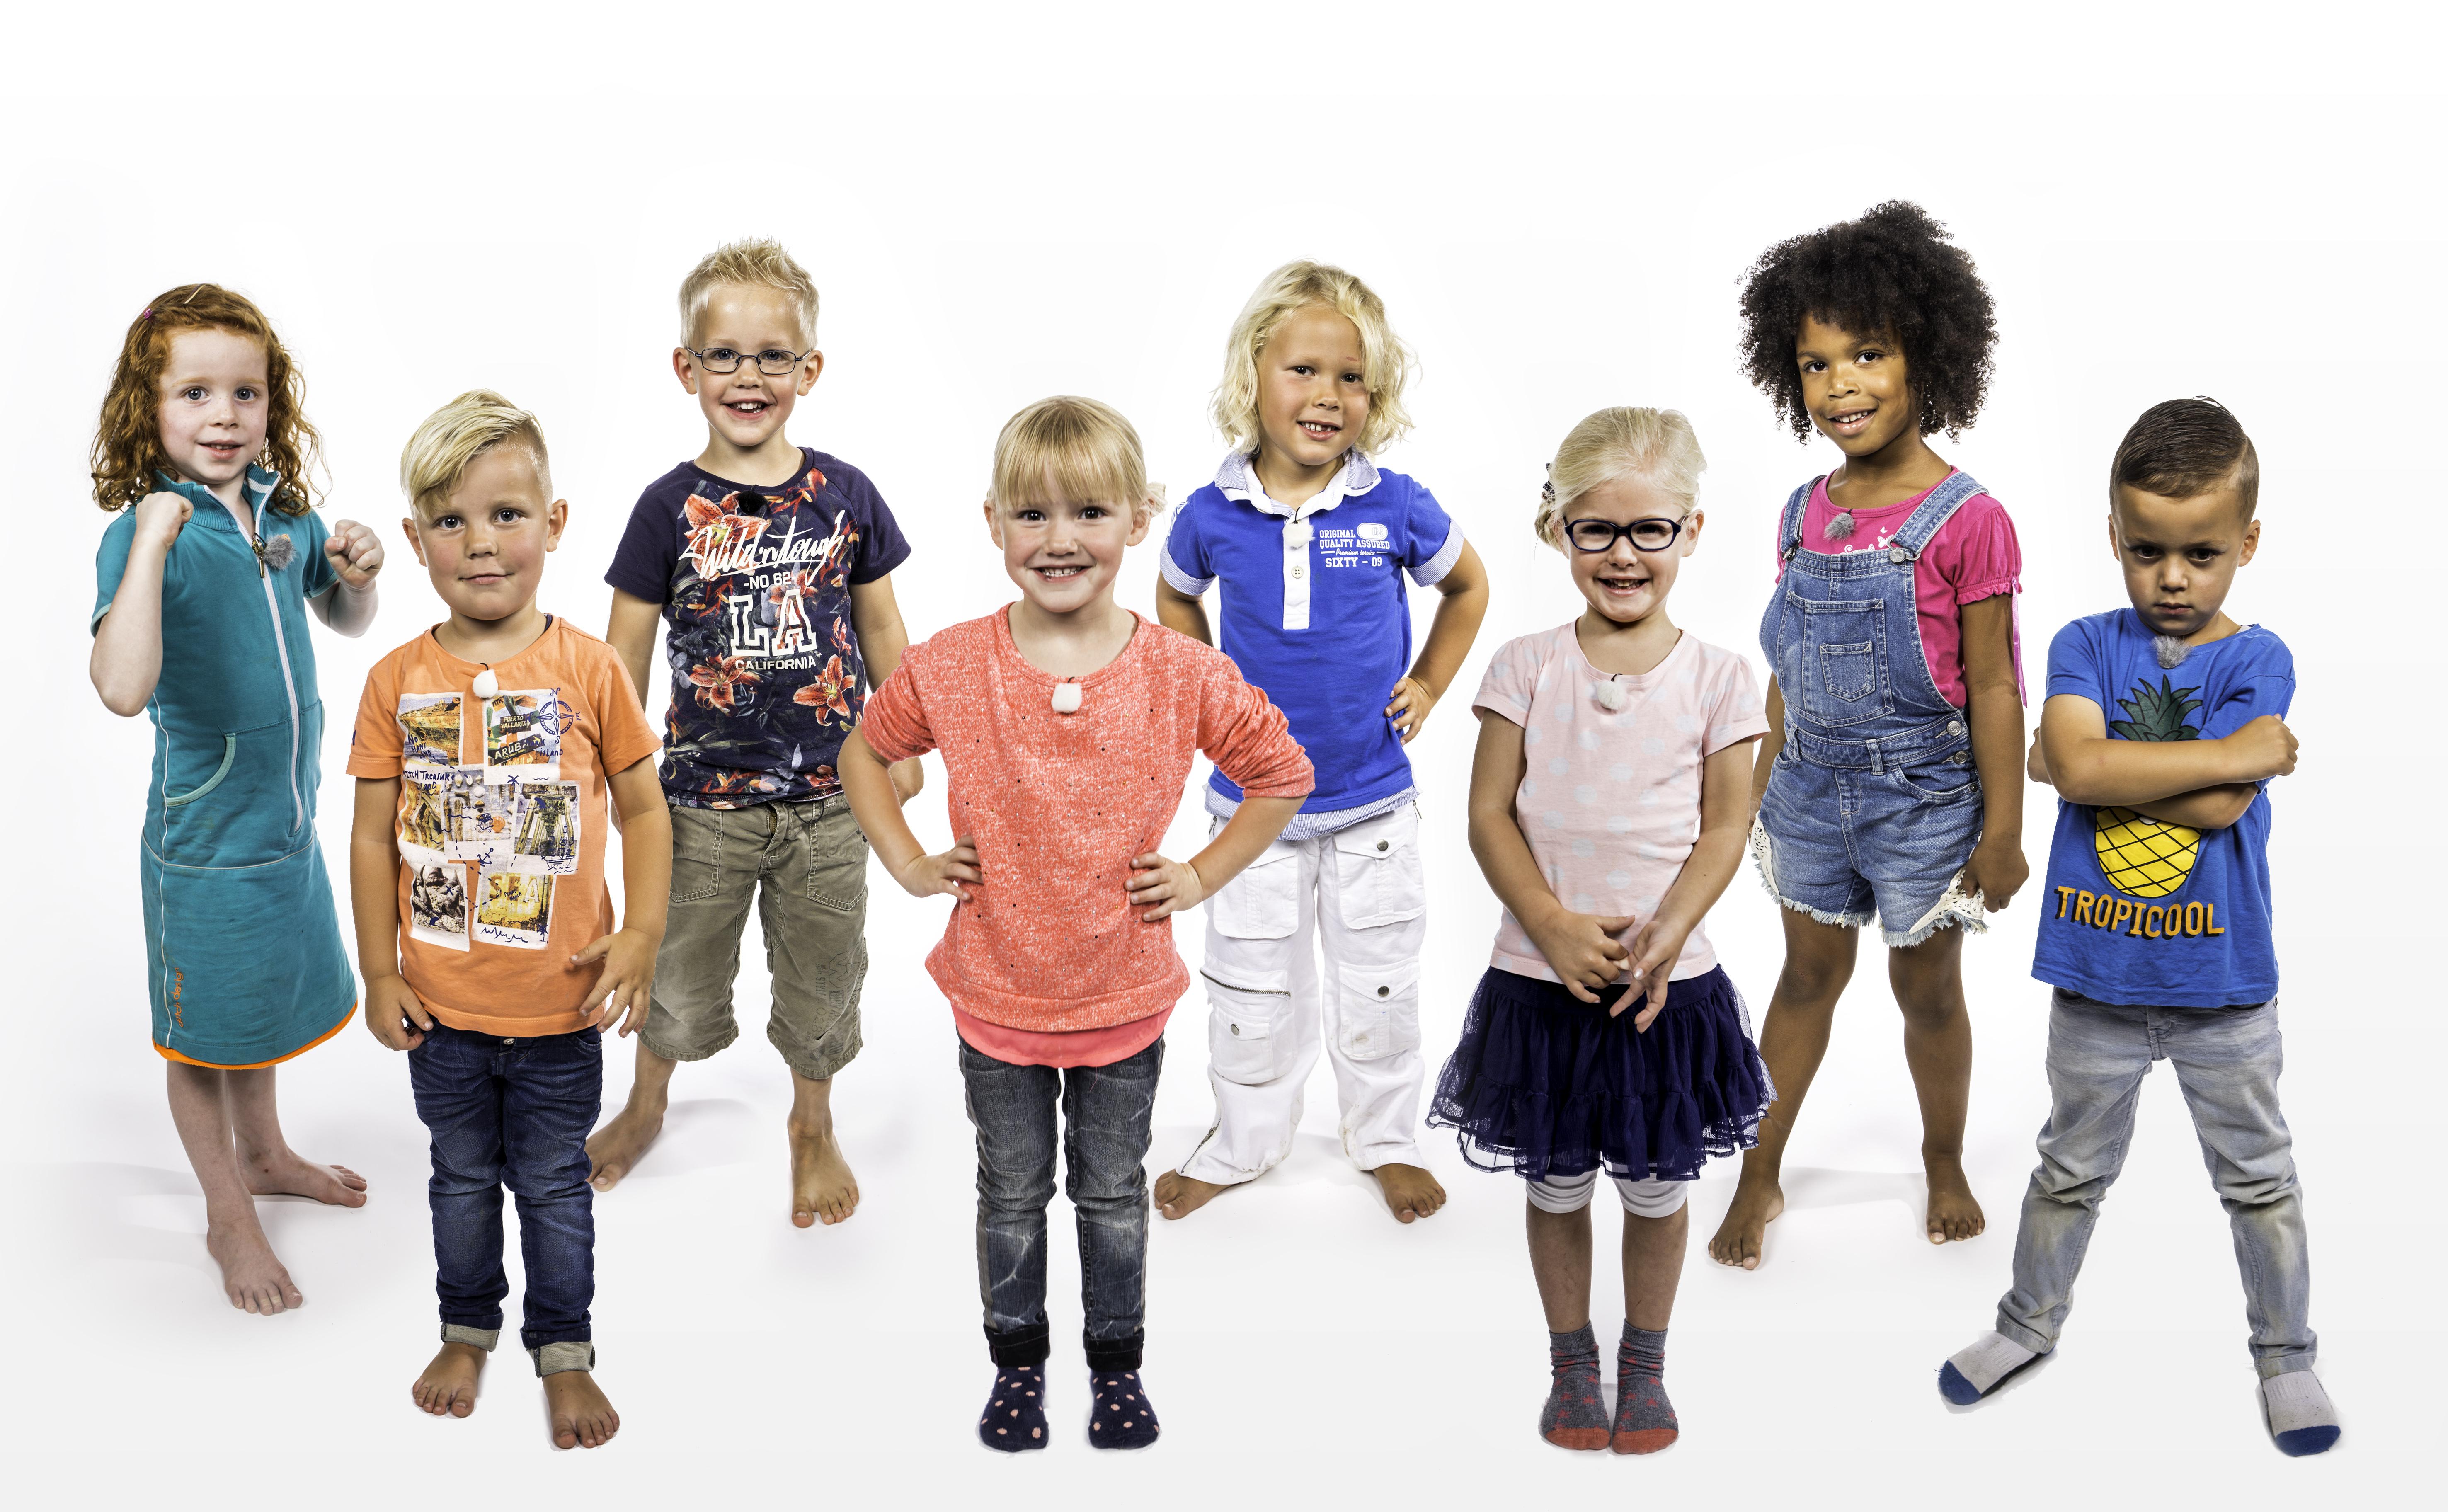 Vind jij 4 jaar ook een leuke leeftijd? Kijk dan naar het nieuwe programma Het geheime leven van 4-jarigen waarin verschillende kinderen worden gevolgd.